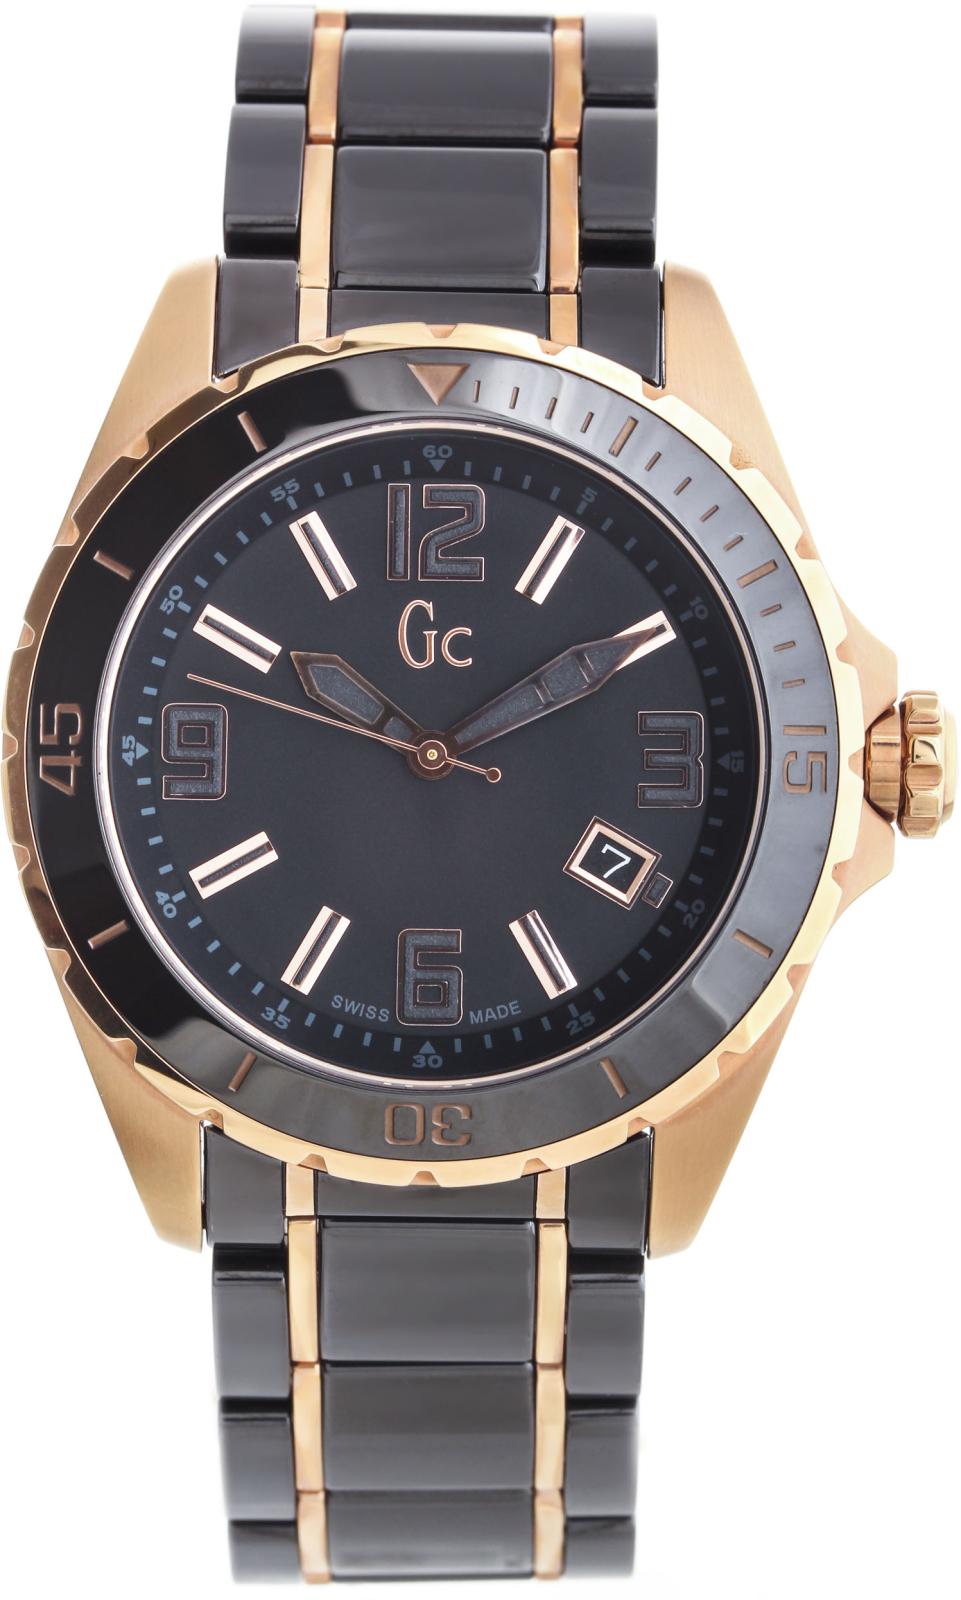 GC Sport Chic X85011G2SНаручные часы<br>Швейцарские часы GC Sport Chic X85011G2S<br><br>Для кого?: Мужские<br>Страна-производитель: Швейцария<br>Механизм: Кварцевый<br>Материал корпуса: Золото+сталь<br>Материал ремня/браслета: Сталь+керамика<br>Водозащита, диапазон: 100 - 150 м<br>Стекло: Сапфировое<br>Толщина корпуса/: <br>Стиль: Классика